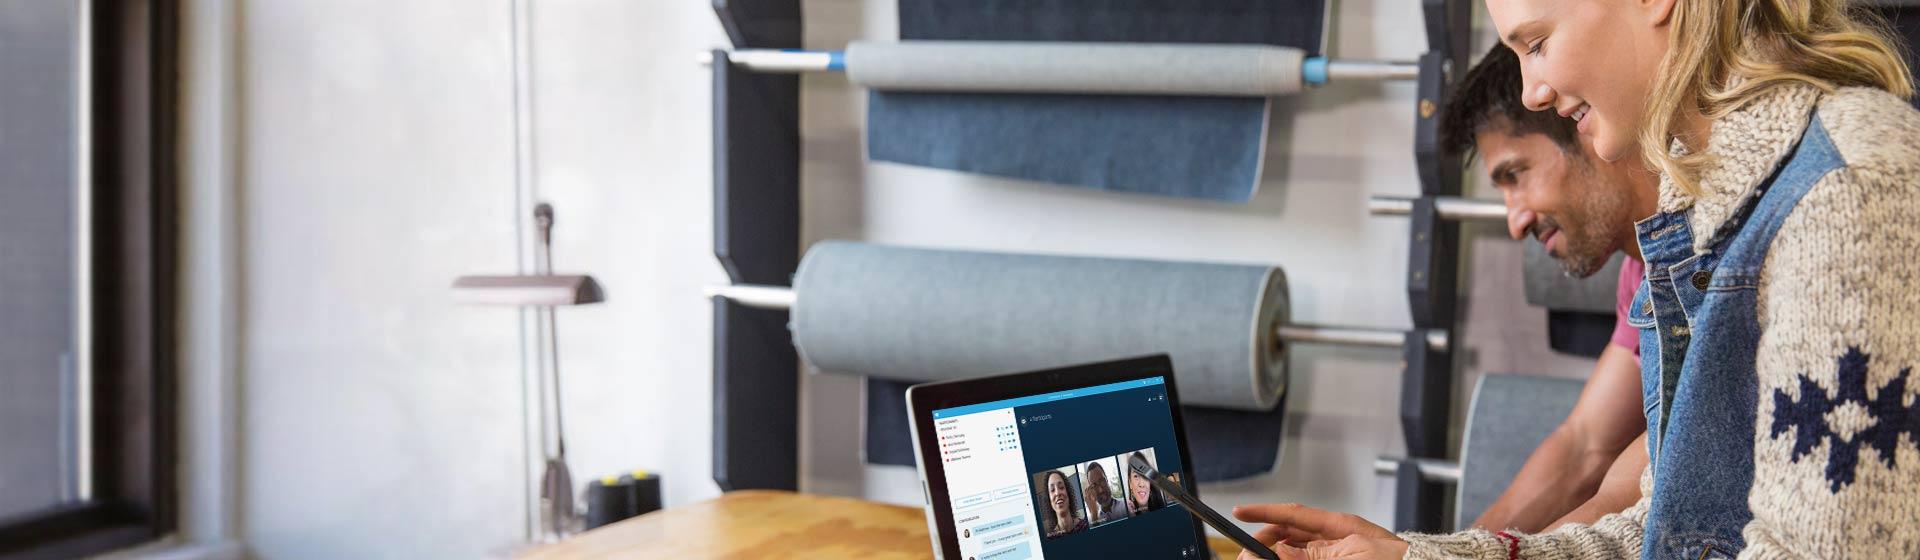 Egy nő és egy férfi egy táblagépen használja a Skype-értekezleteket, a nő kezében egy telefon van